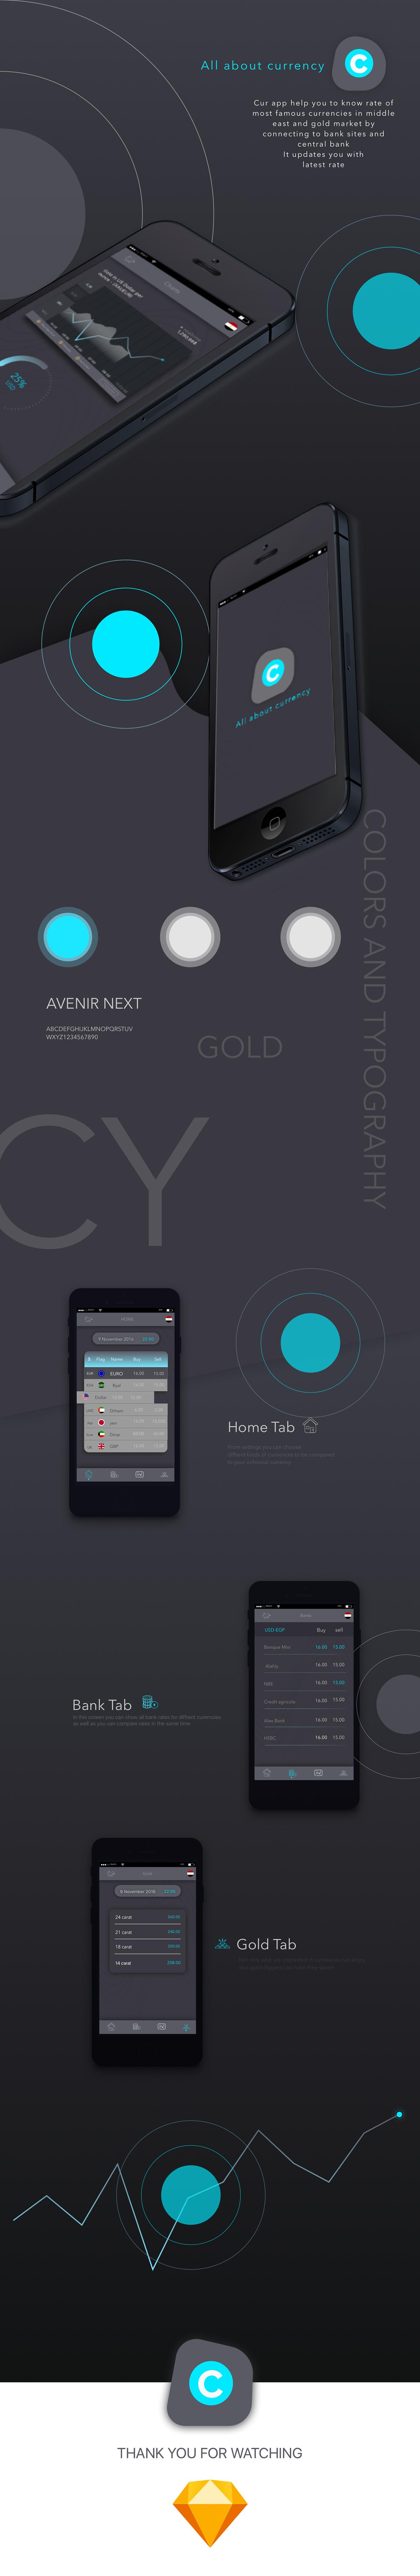 #UI-#graphic-#Design